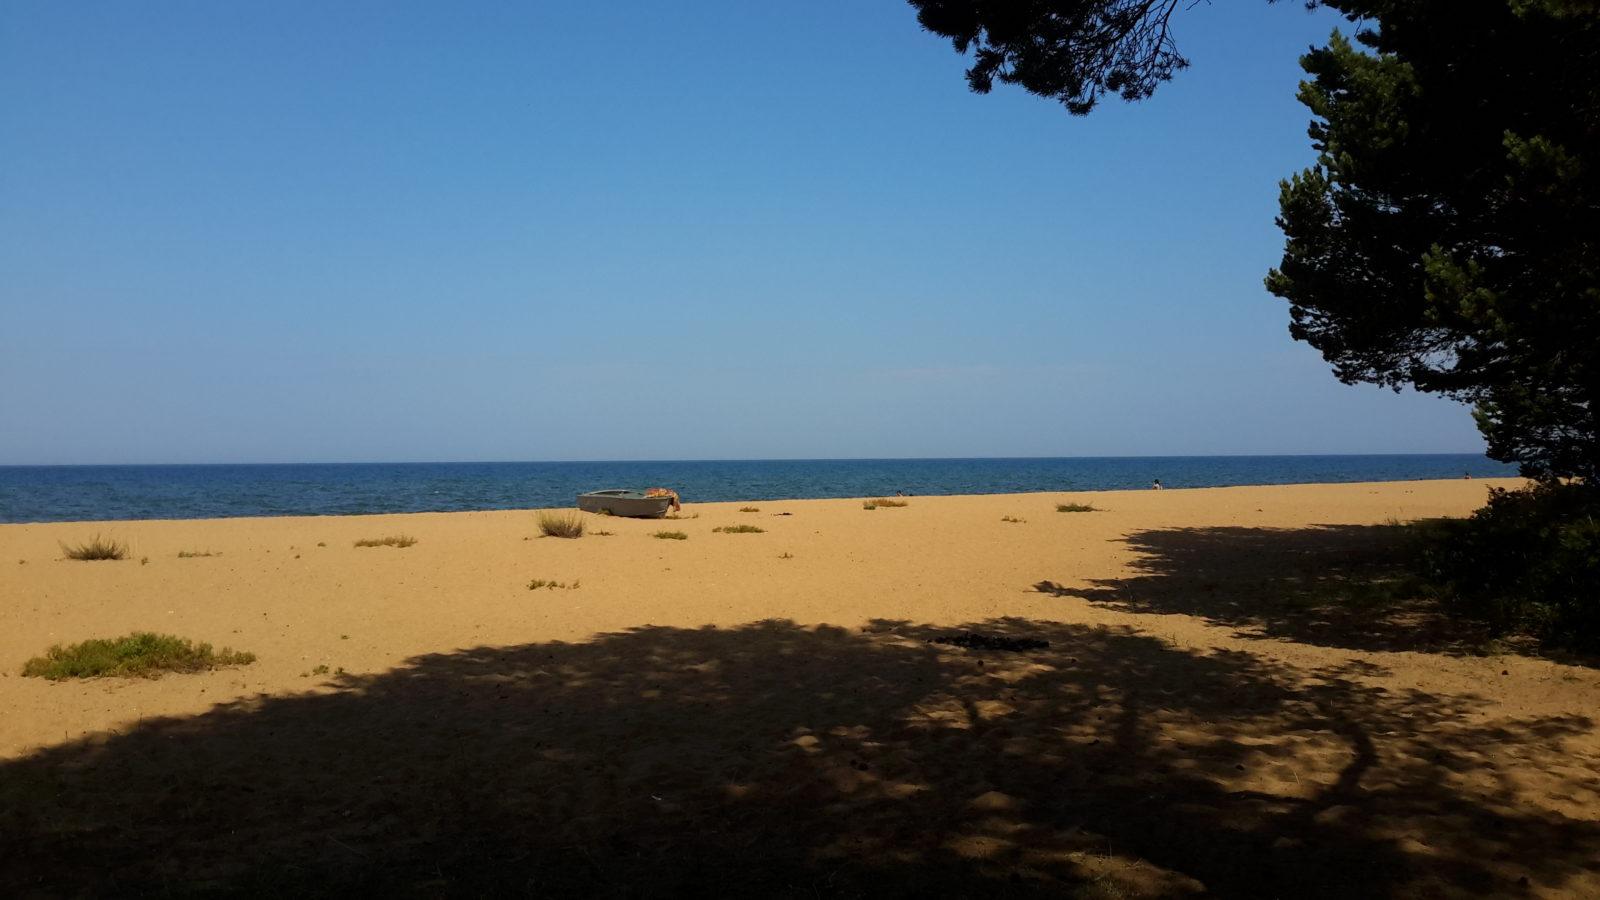 Лодка на песчаном берегу